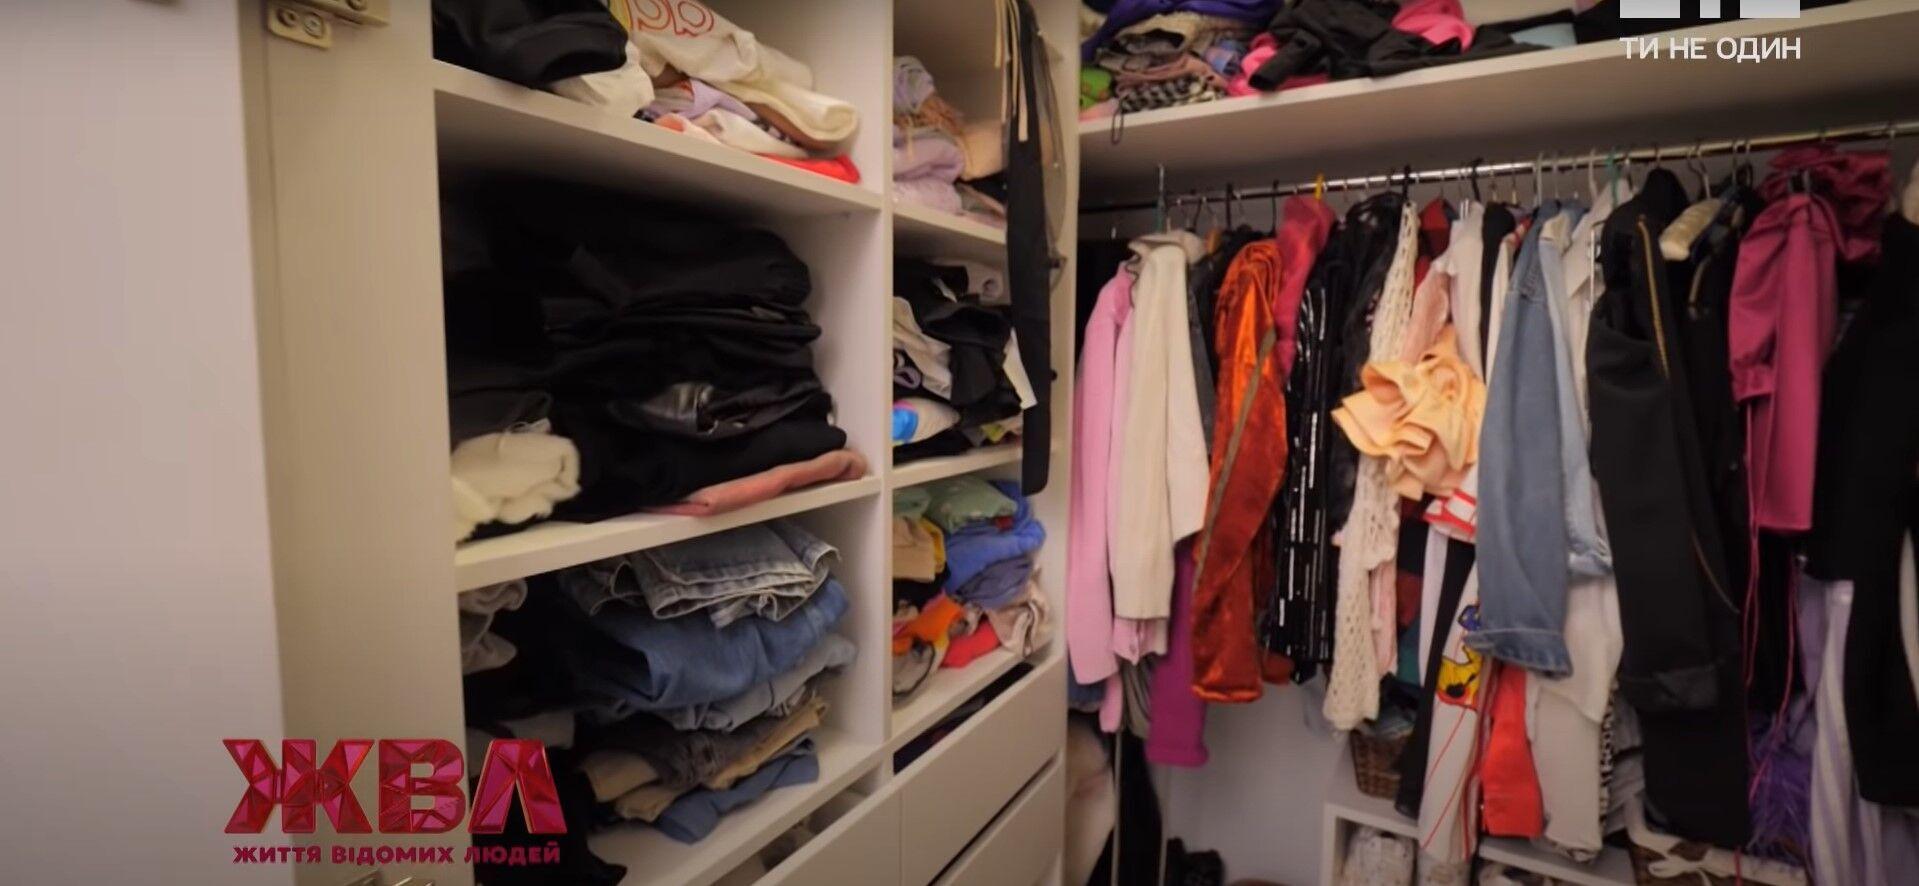 Анна Тринчер показала гардероб.